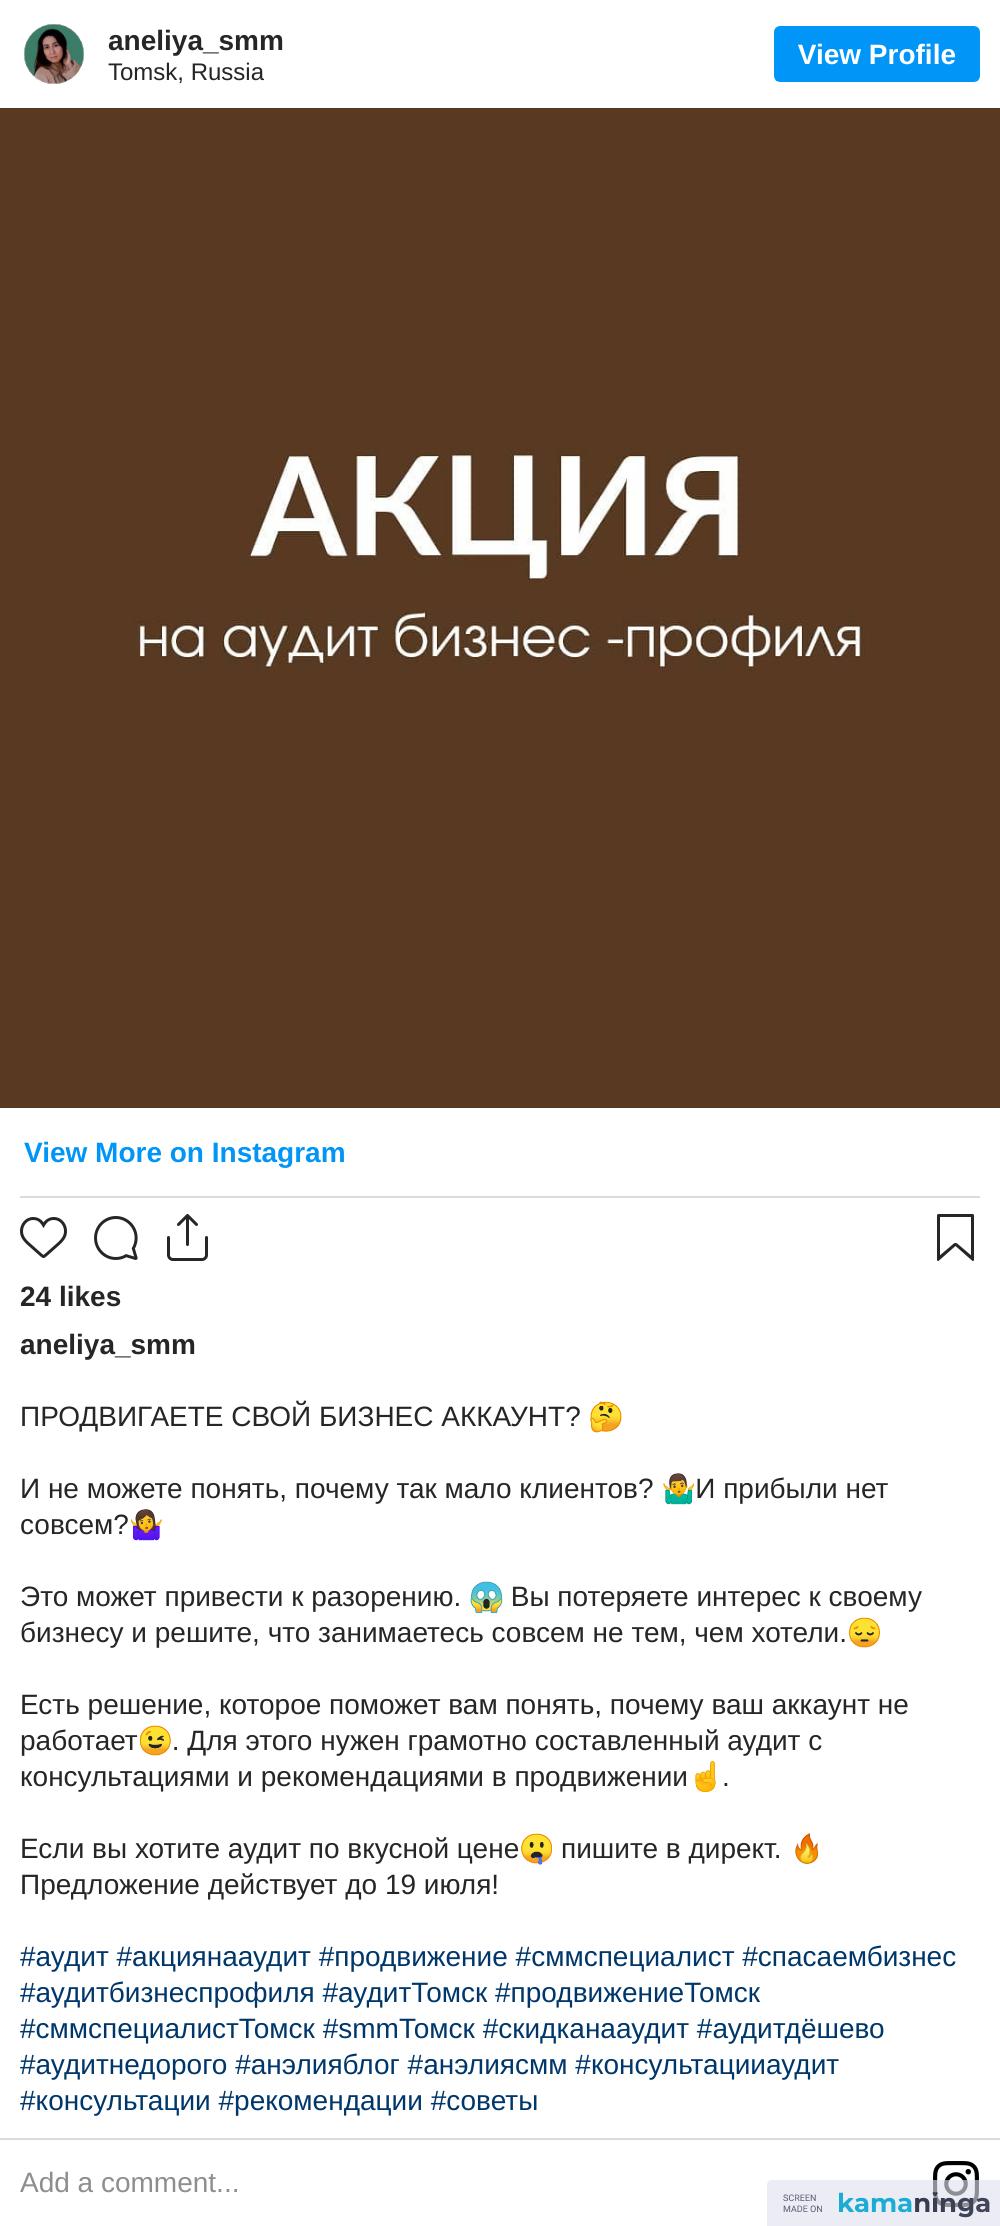 https://www.instagram.com/p/CP79qfJHuzz/